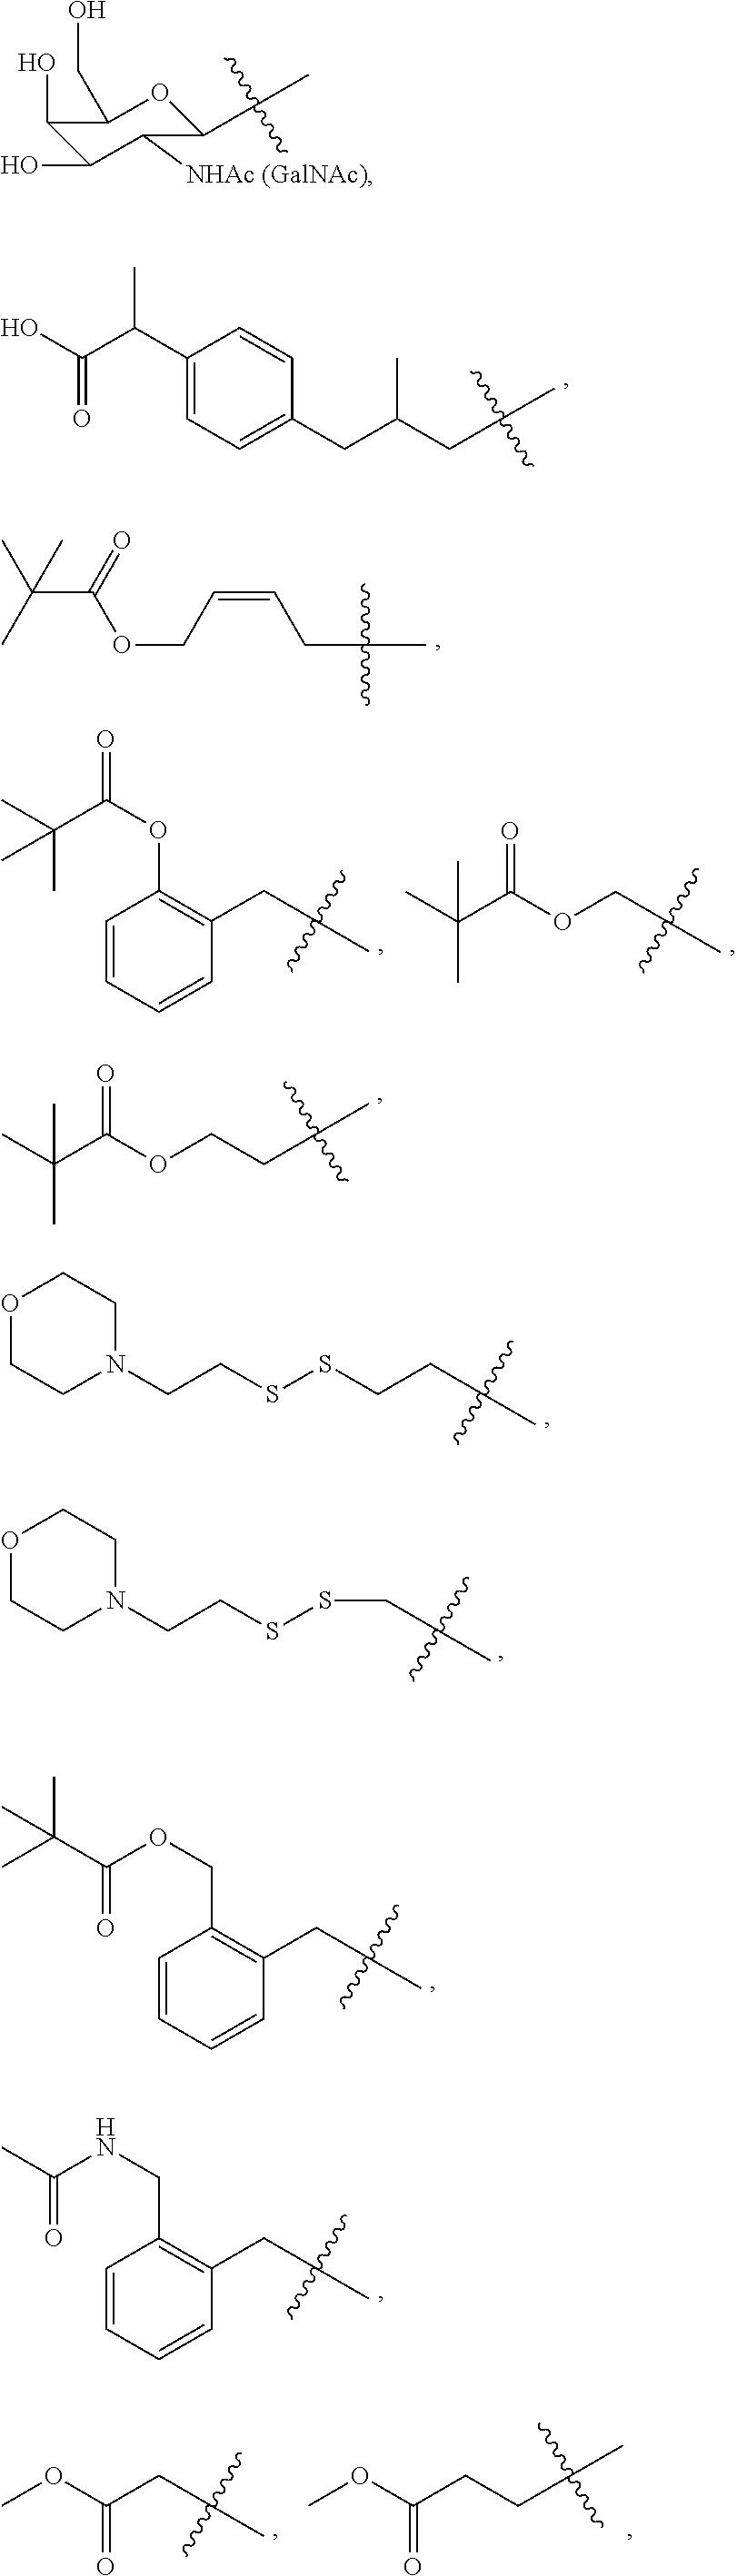 Figure US10160969-20181225-C00125